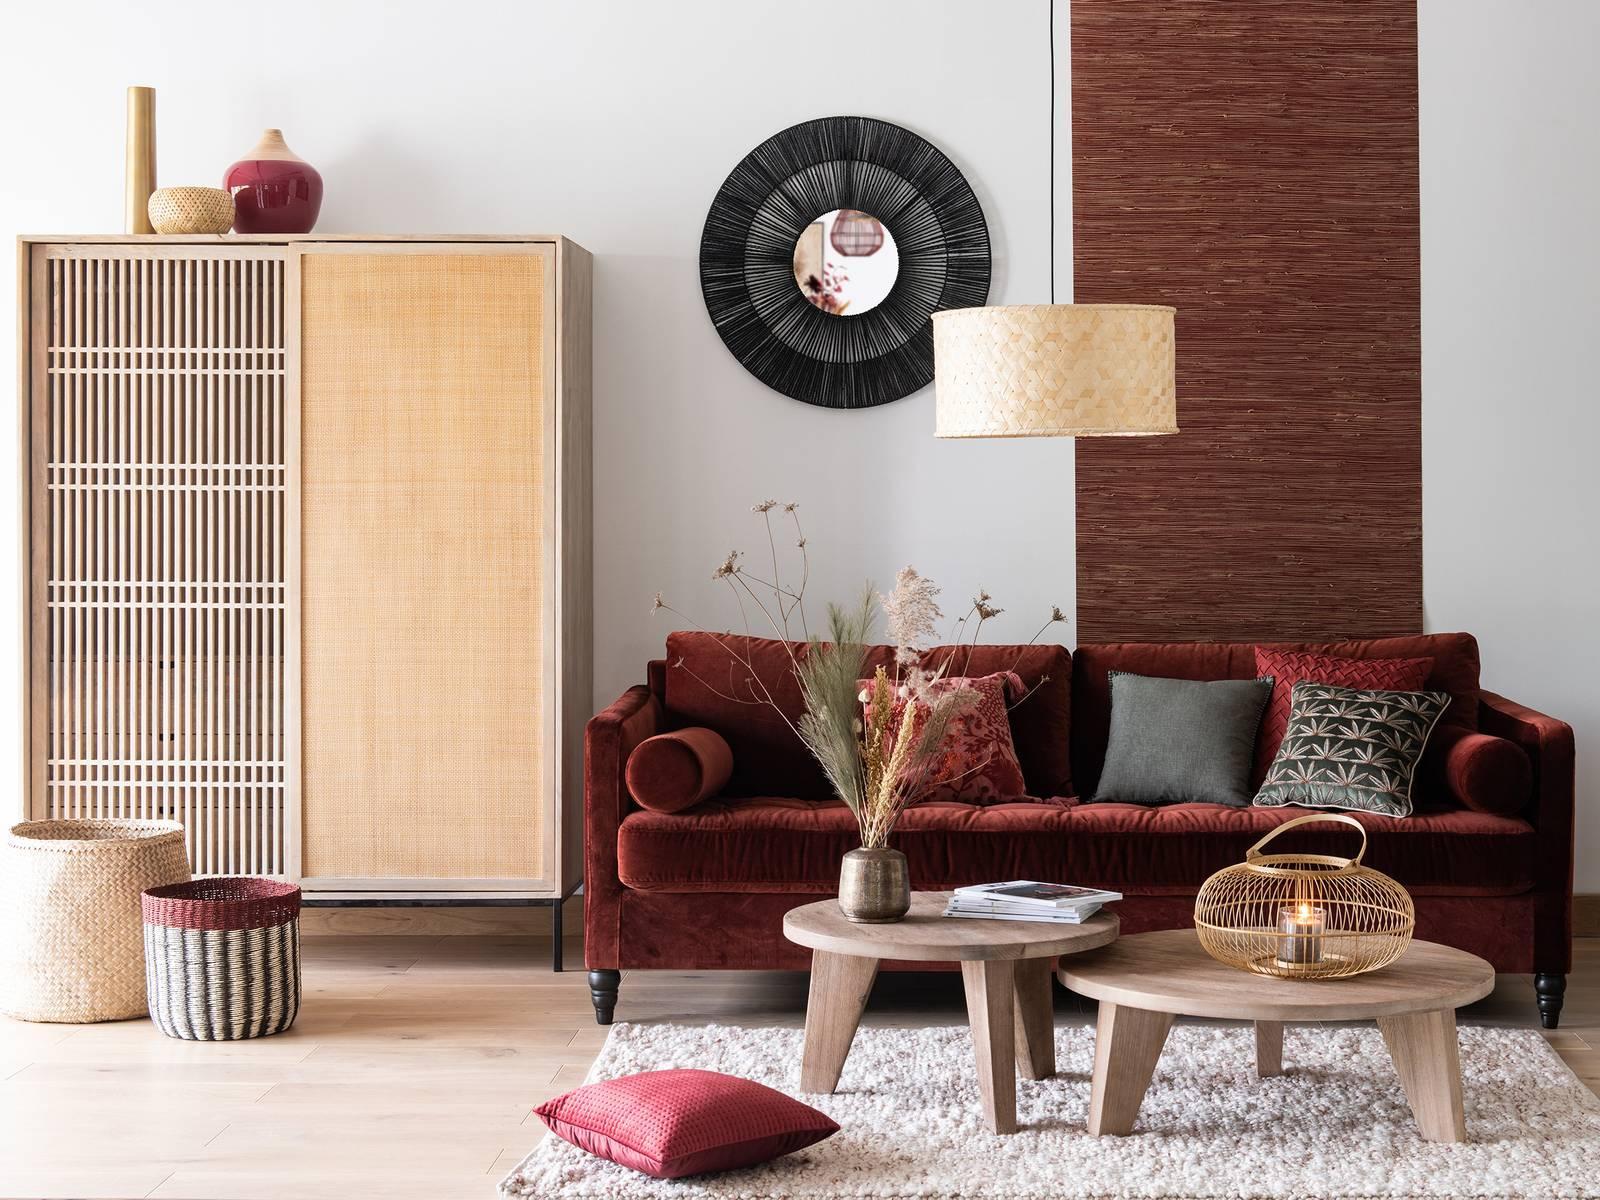 Stili di arredamento quale preferisci per la tua casa for Stili arredamento interni